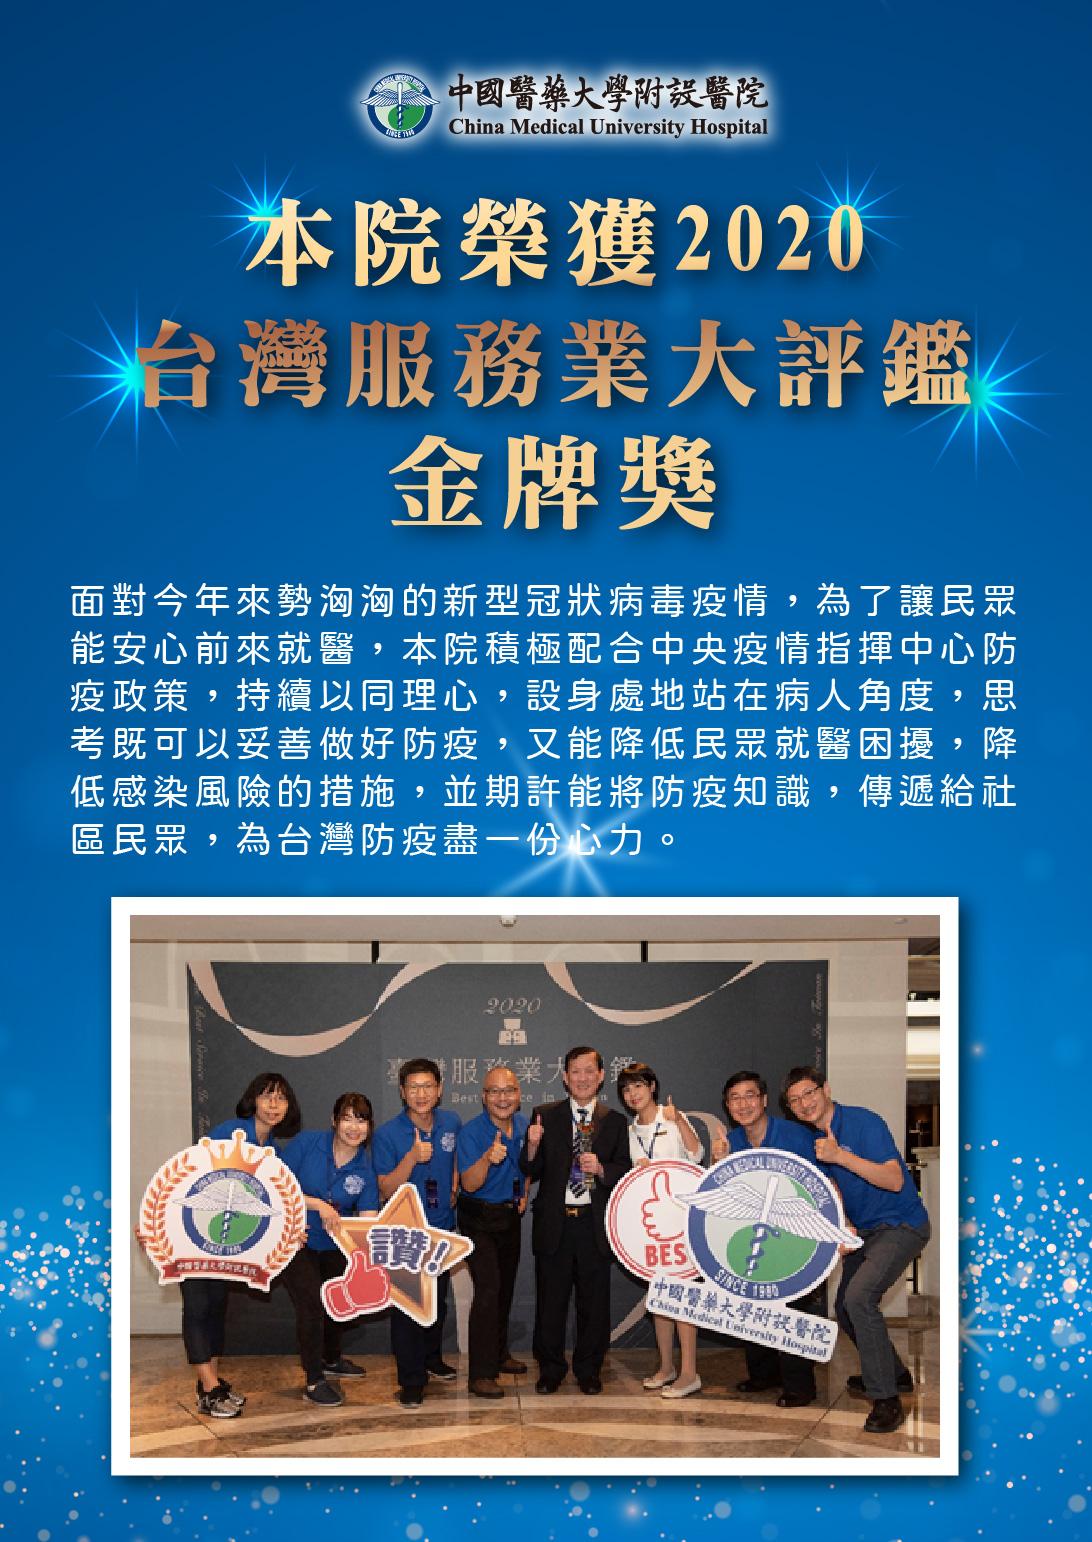 本院榮獲「2020台灣服務業大評鑑」金牌獎